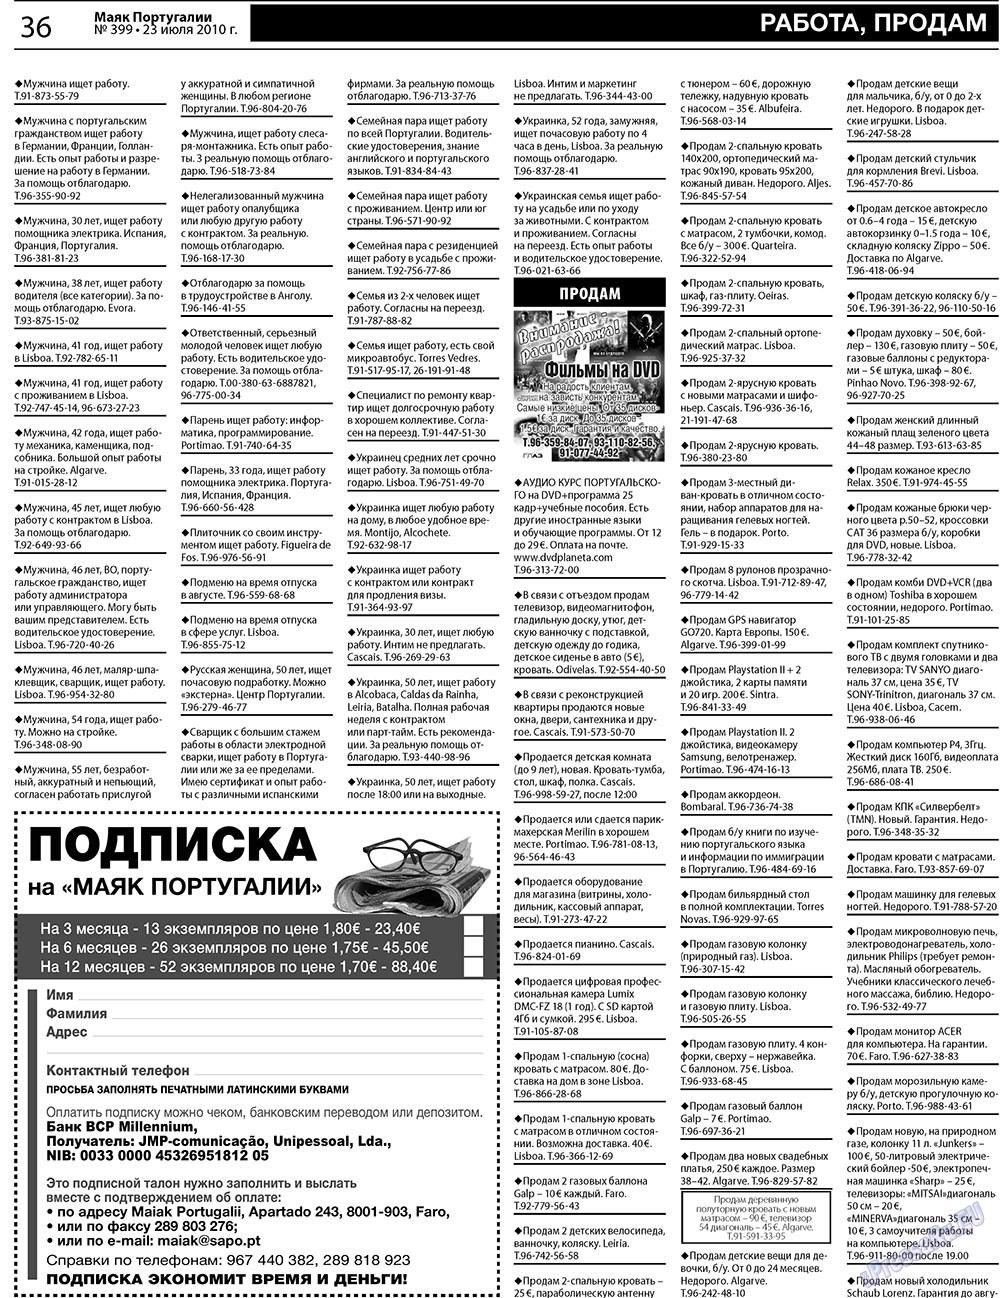 Маяк Португалии (газета). 2010 год, номер 399, стр. 36